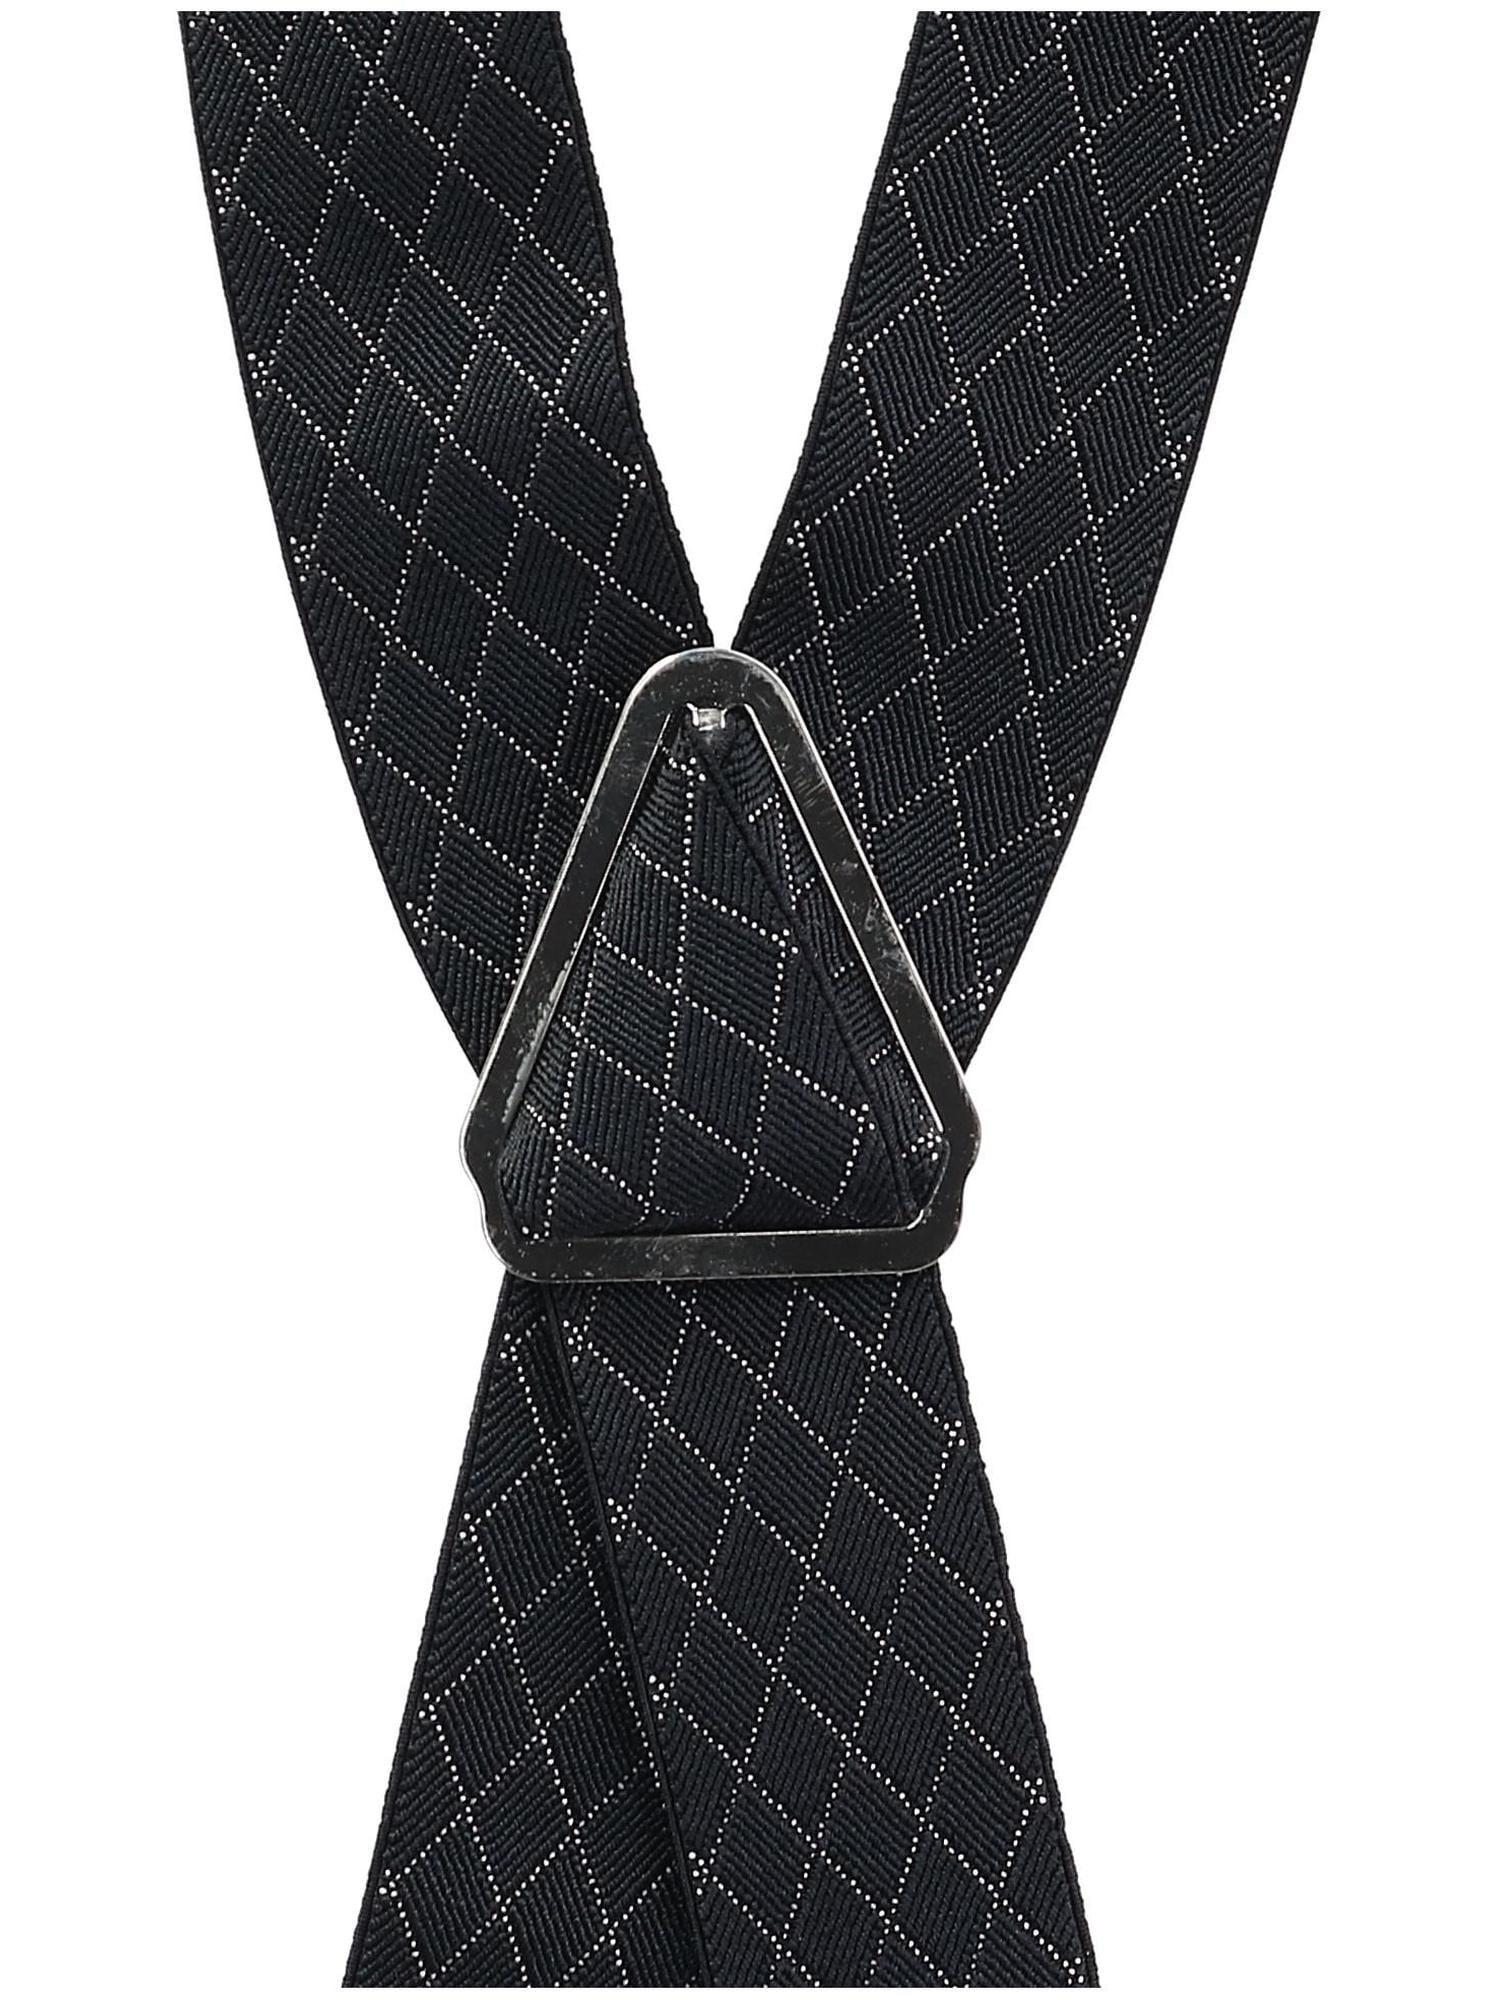 Ascentix Mens Elastic Tropical Print Dress Suspenders with Clip-Ends